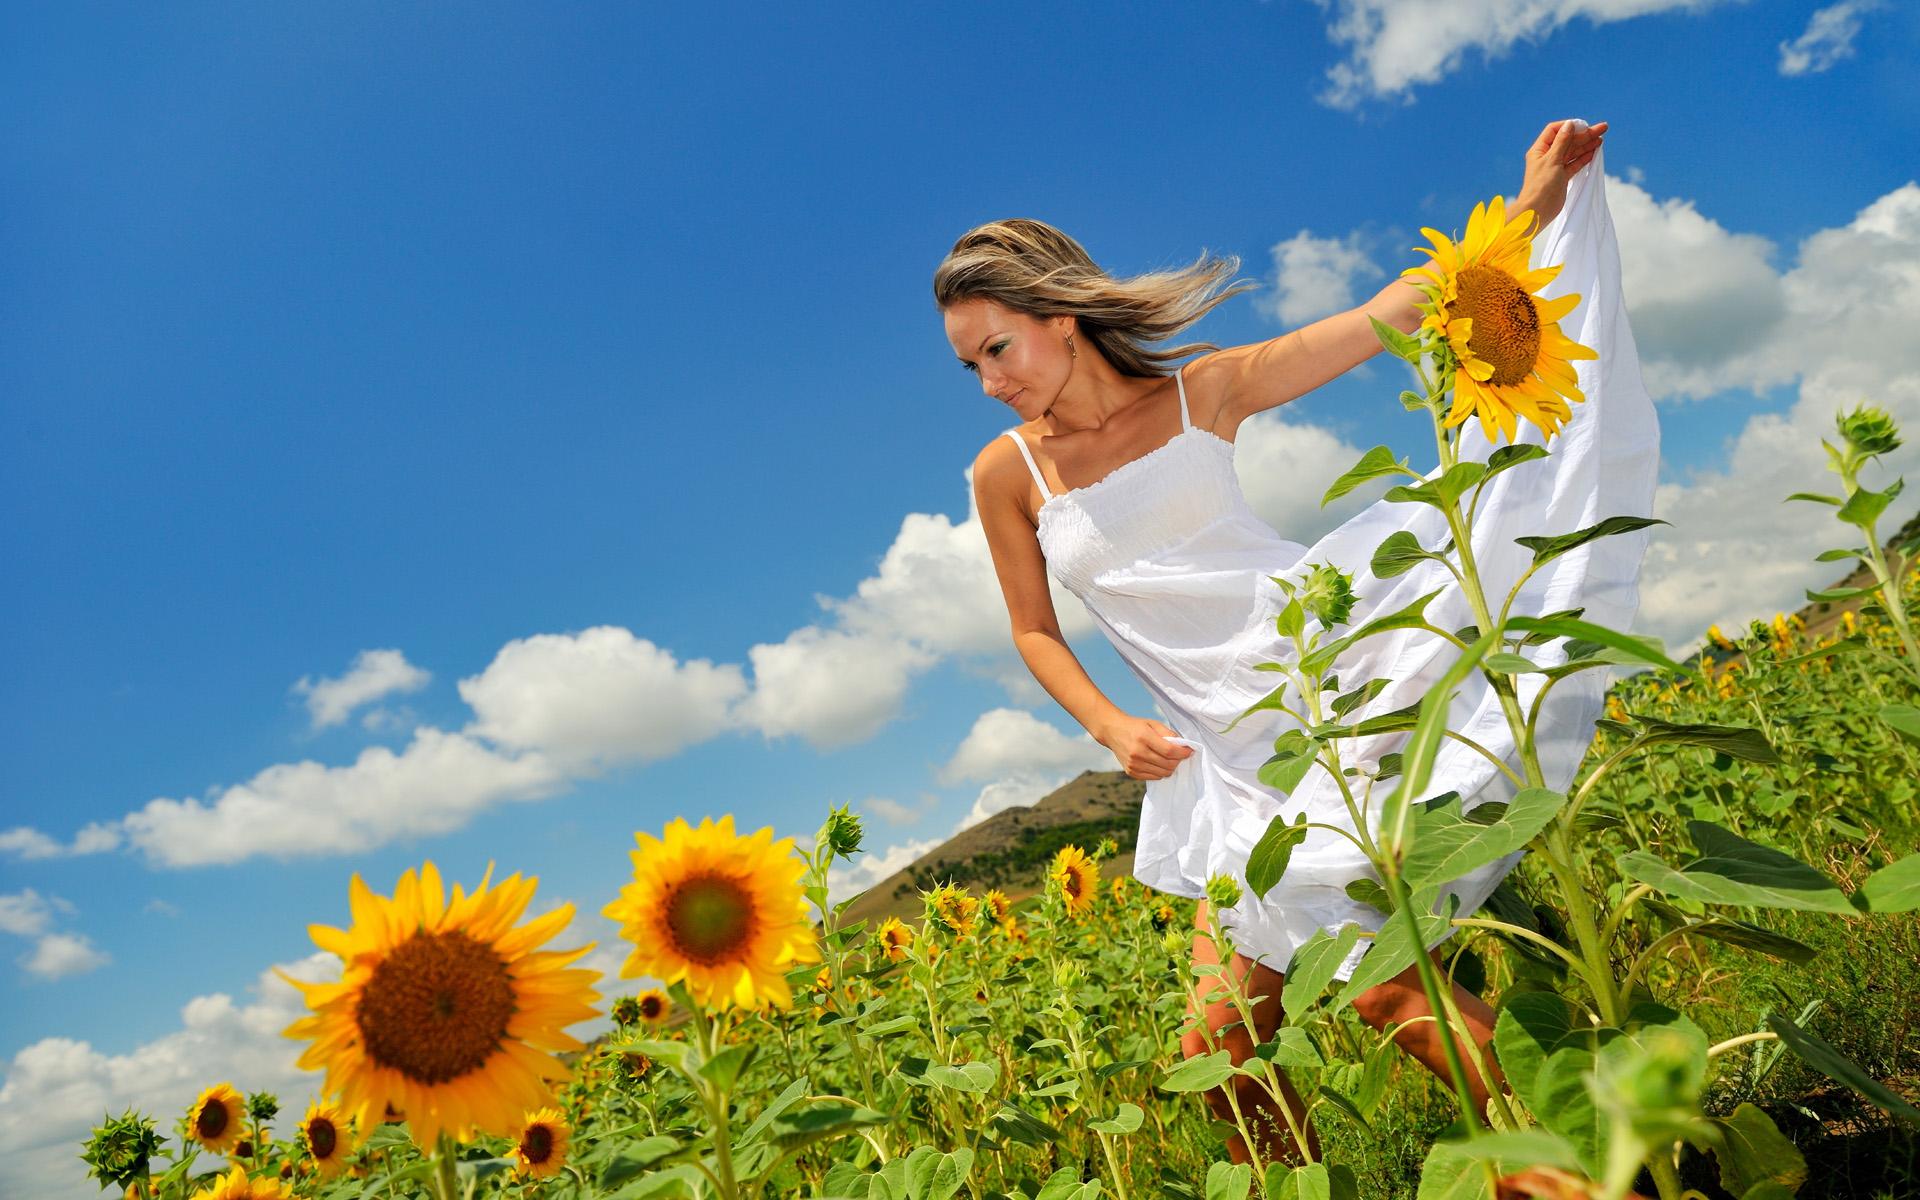 девушка природа белое платье цветы желтые  № 3832641 без смс